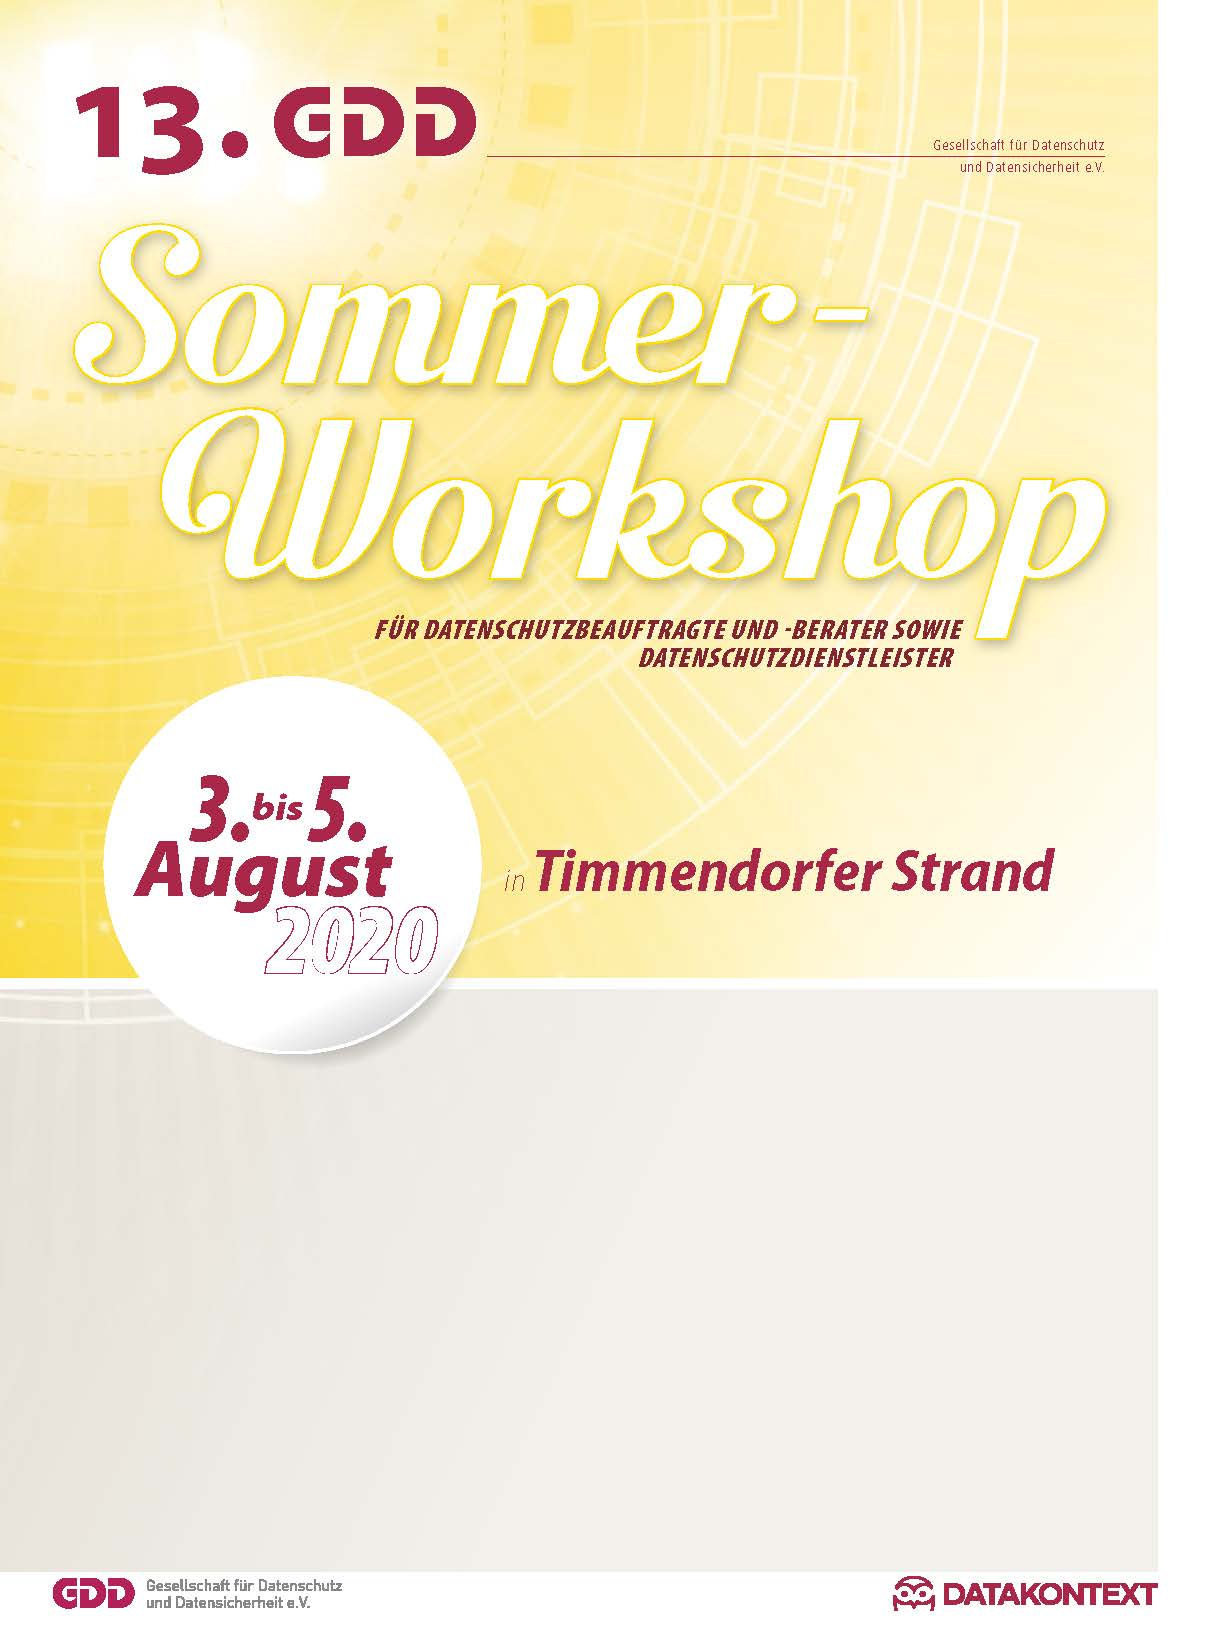 13. GDD-Sommer-Workshop für Datenschutzbeauftragte und -berater sowie Datenschutzdienstleister